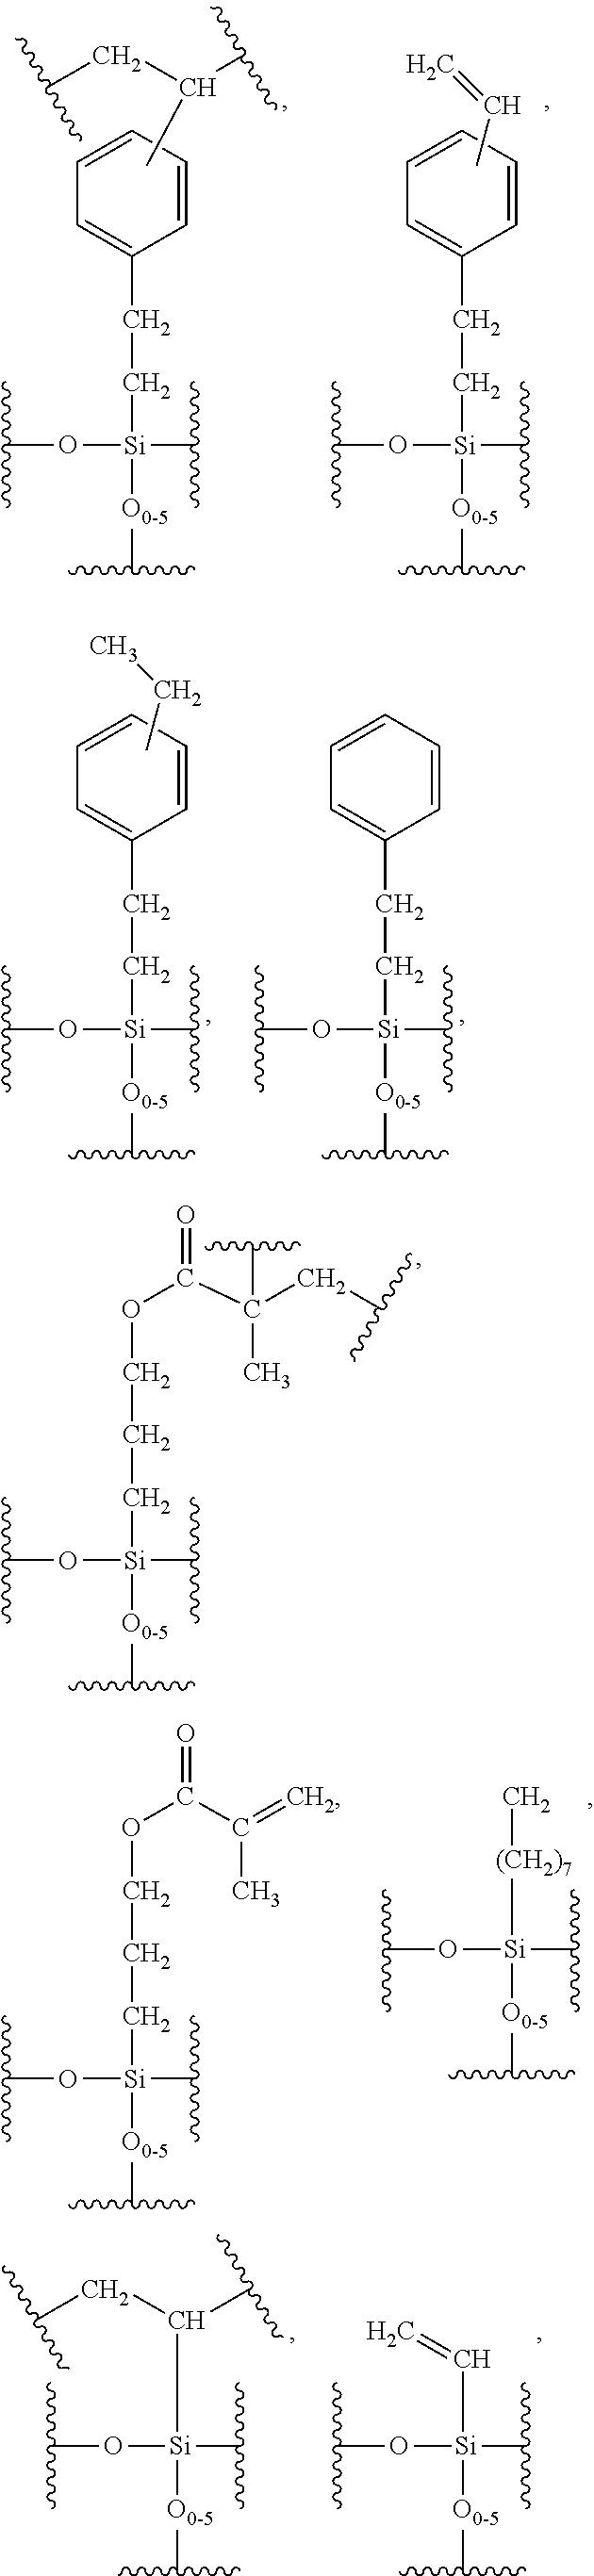 Figure US09211524-20151215-C00013